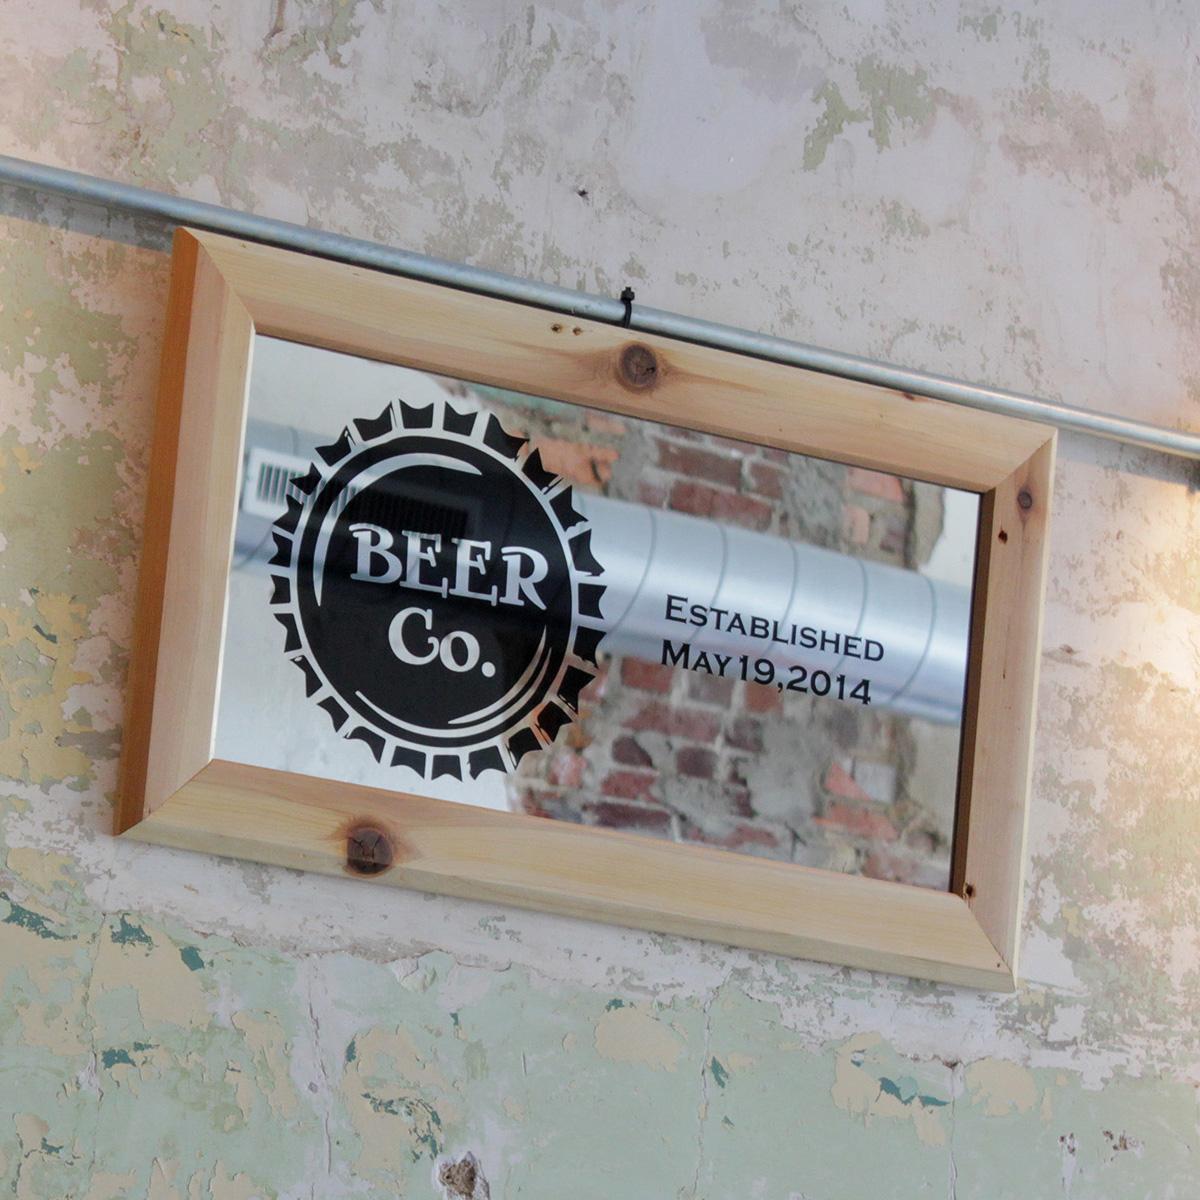 custom-signage-beer-co-mirror.jpg